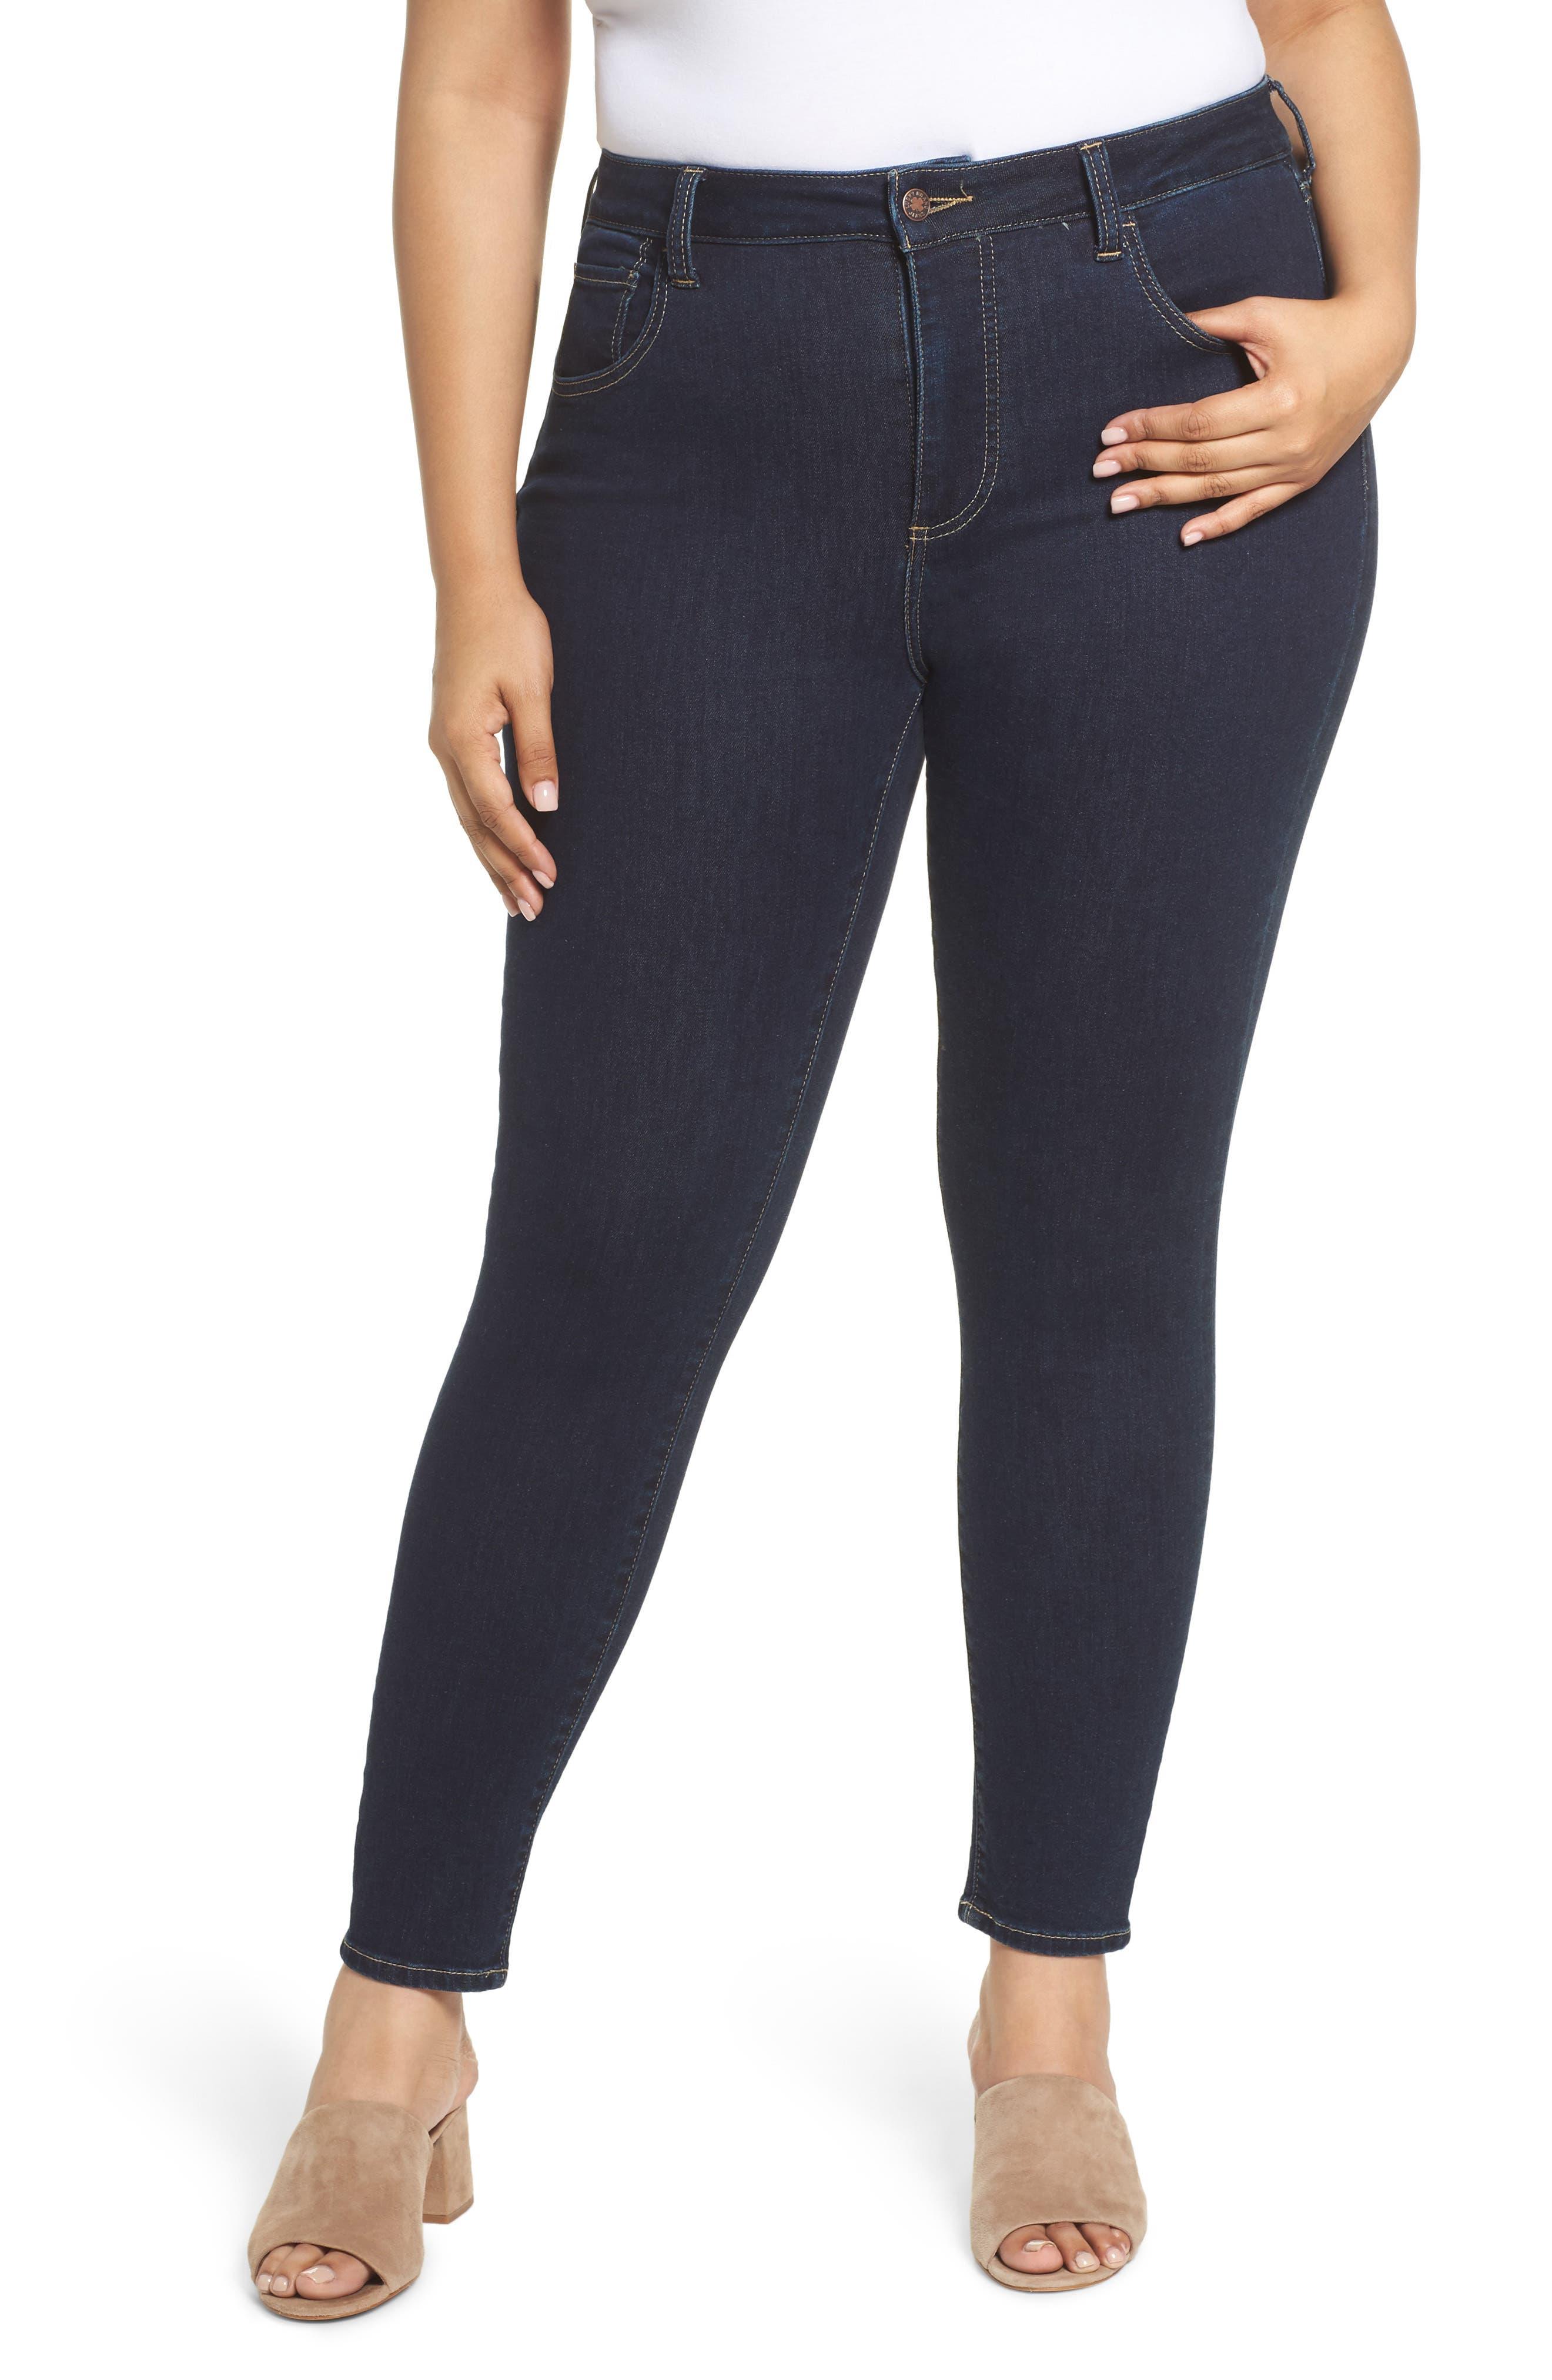 LUCKY BRAND Emma High Rise Legging Jeans, Main, color, BREAKER